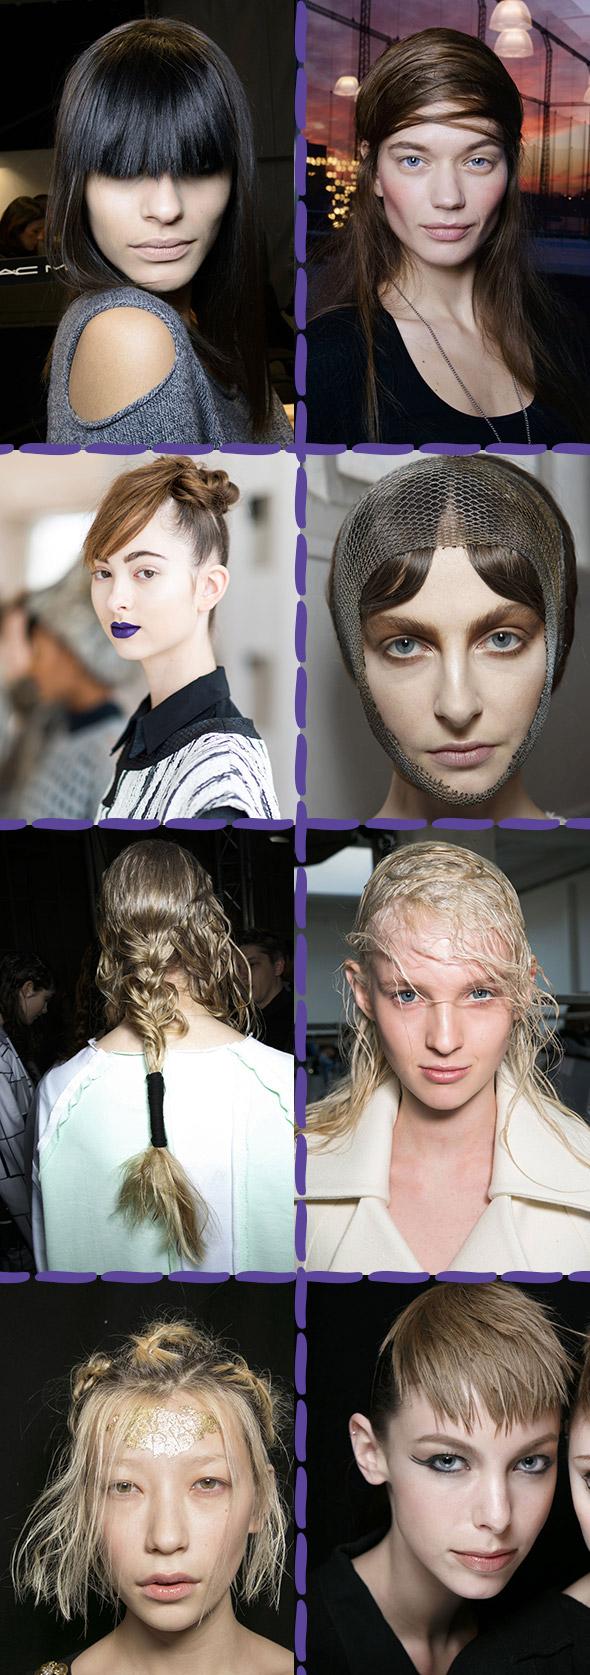 cabelos-estranhos